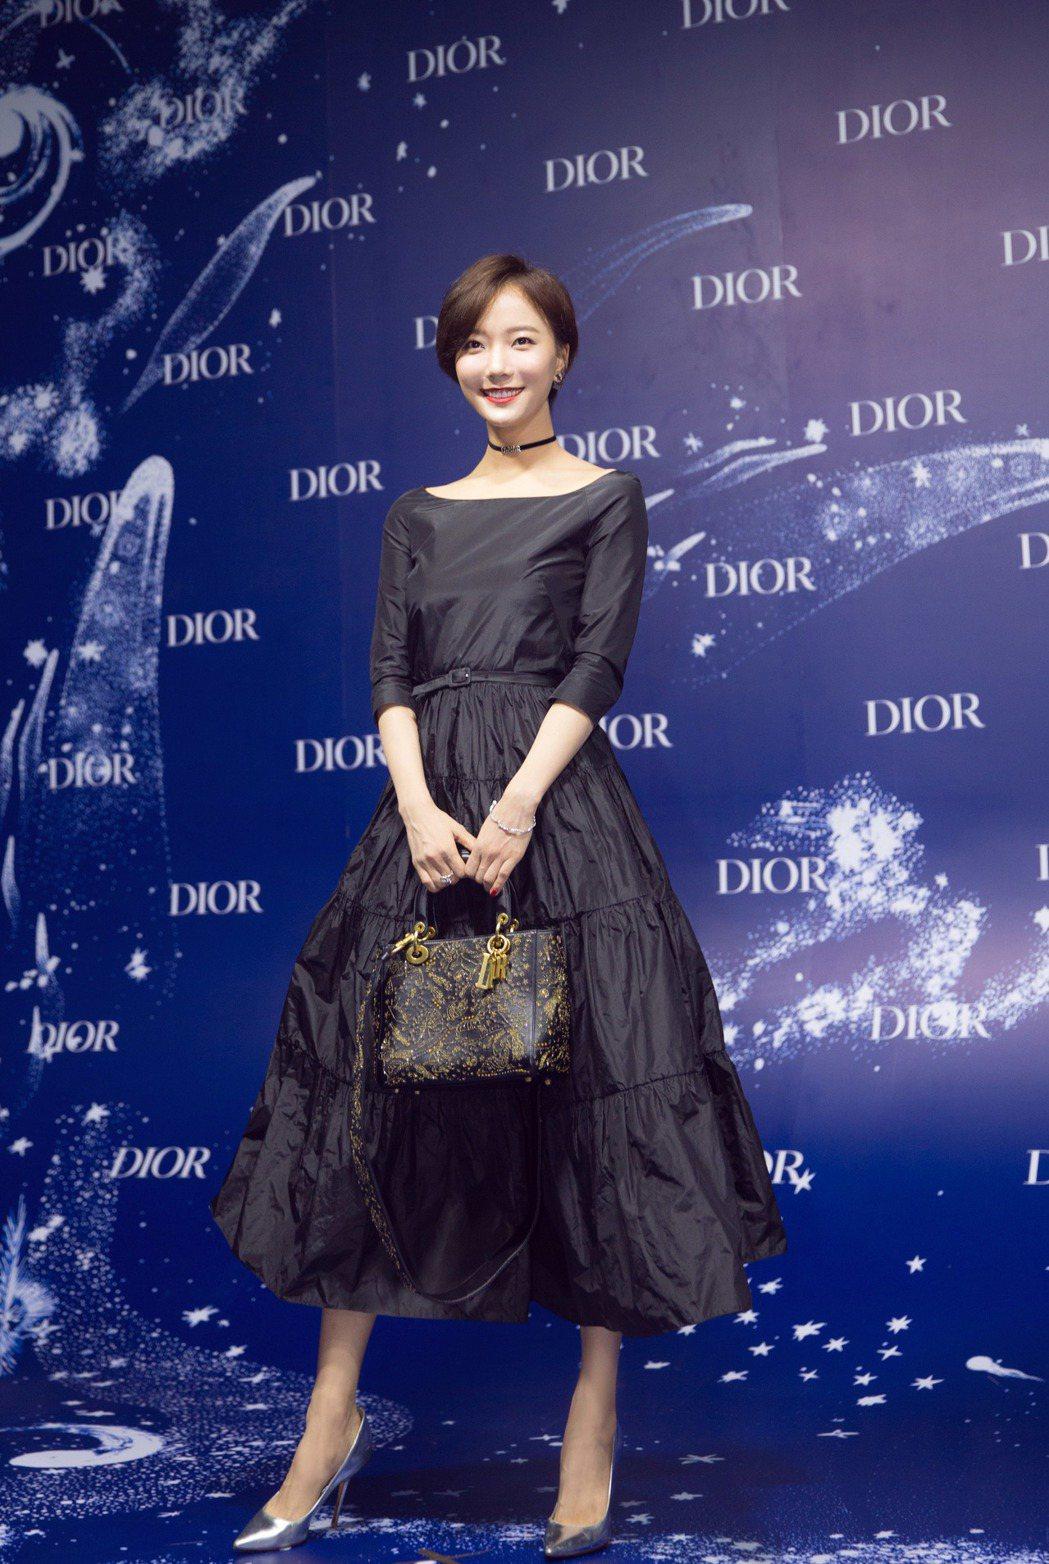 王珞丹穿出秋冬裙裝的帥氣美,手拿Dior Moon系列手袋出席藍調之夜。圖/Di...